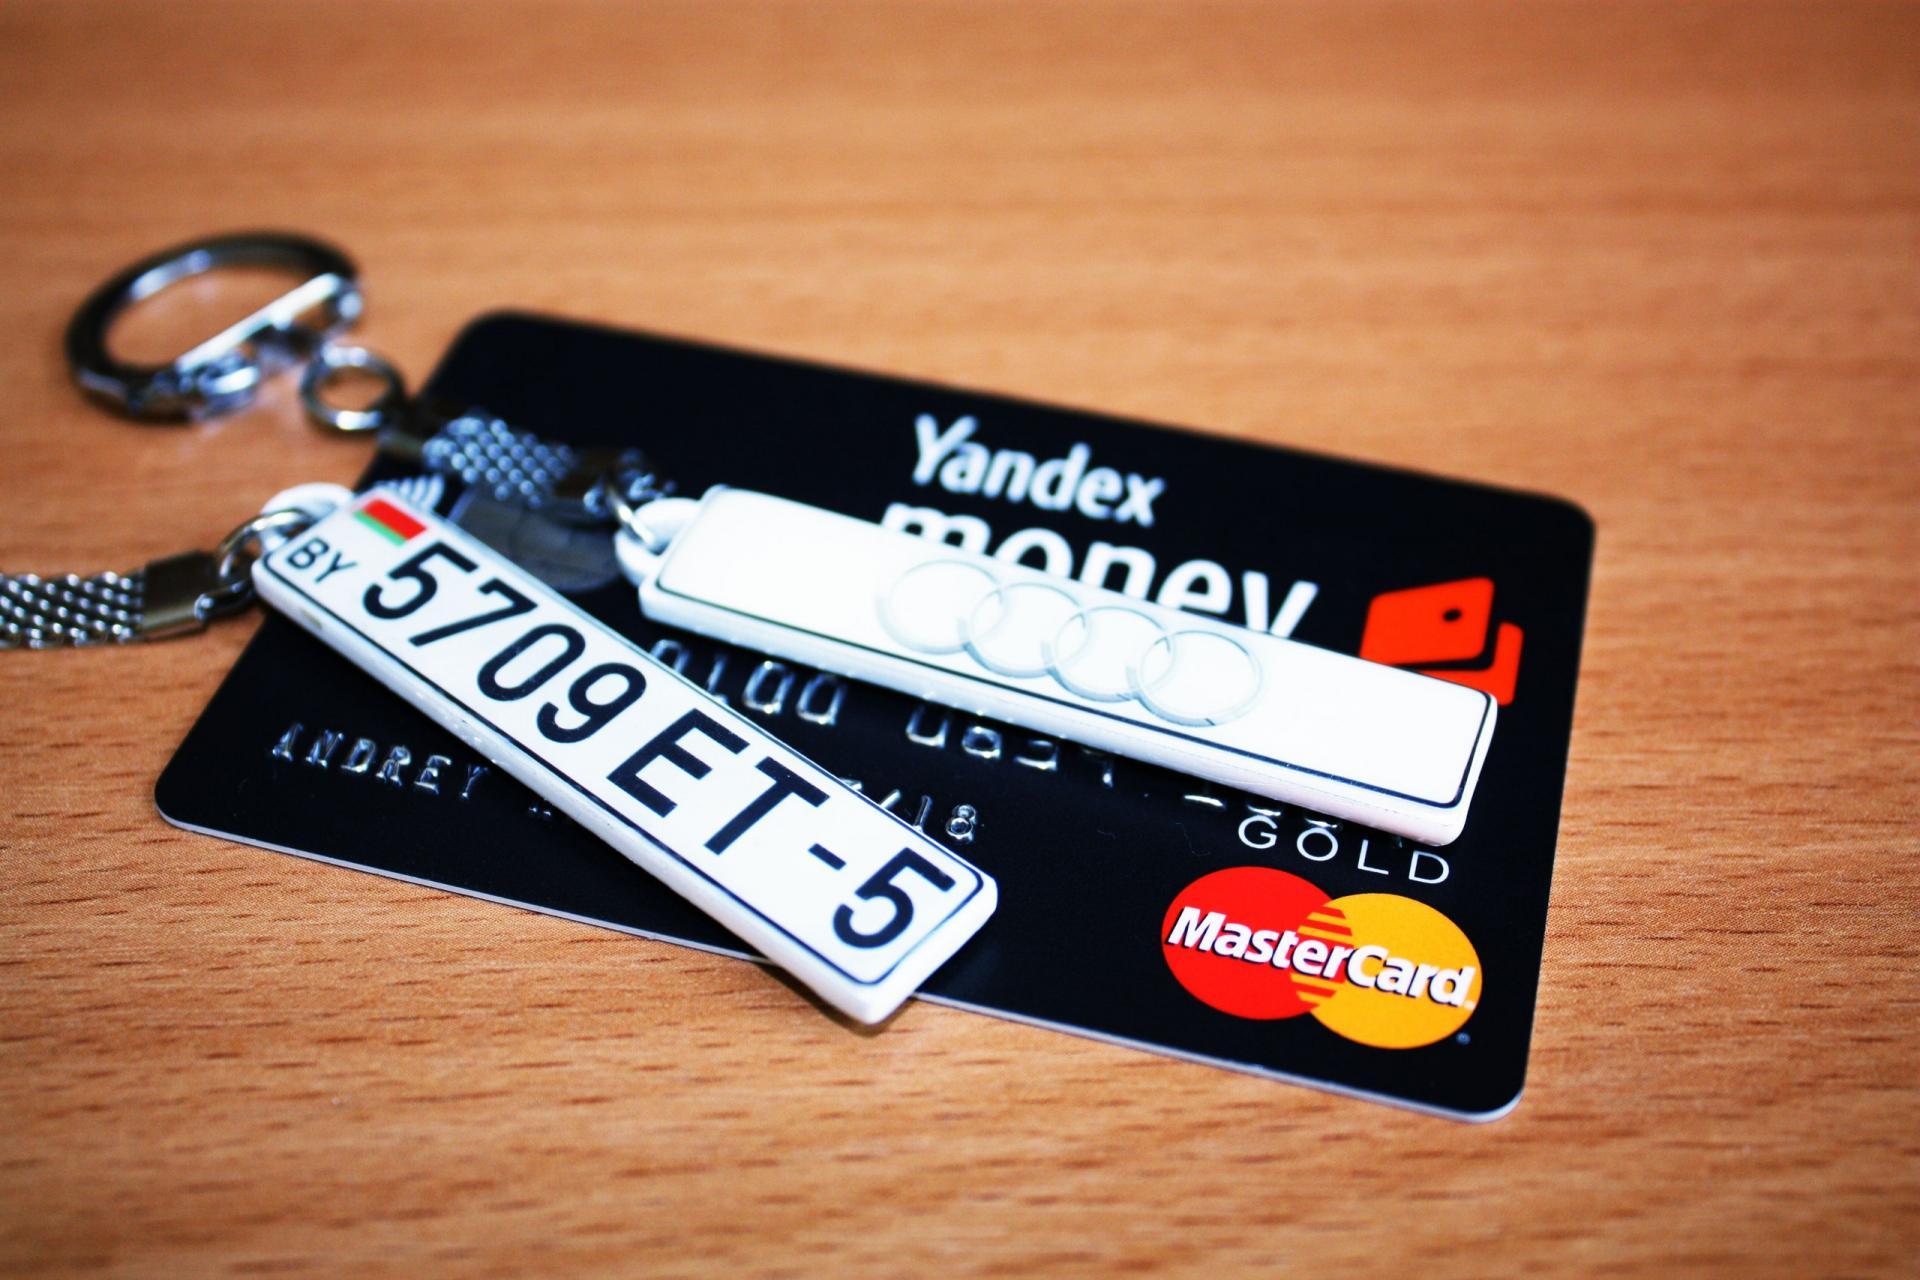 Яндекс.Деньги отменяют часть комиссий для держателей своих карт